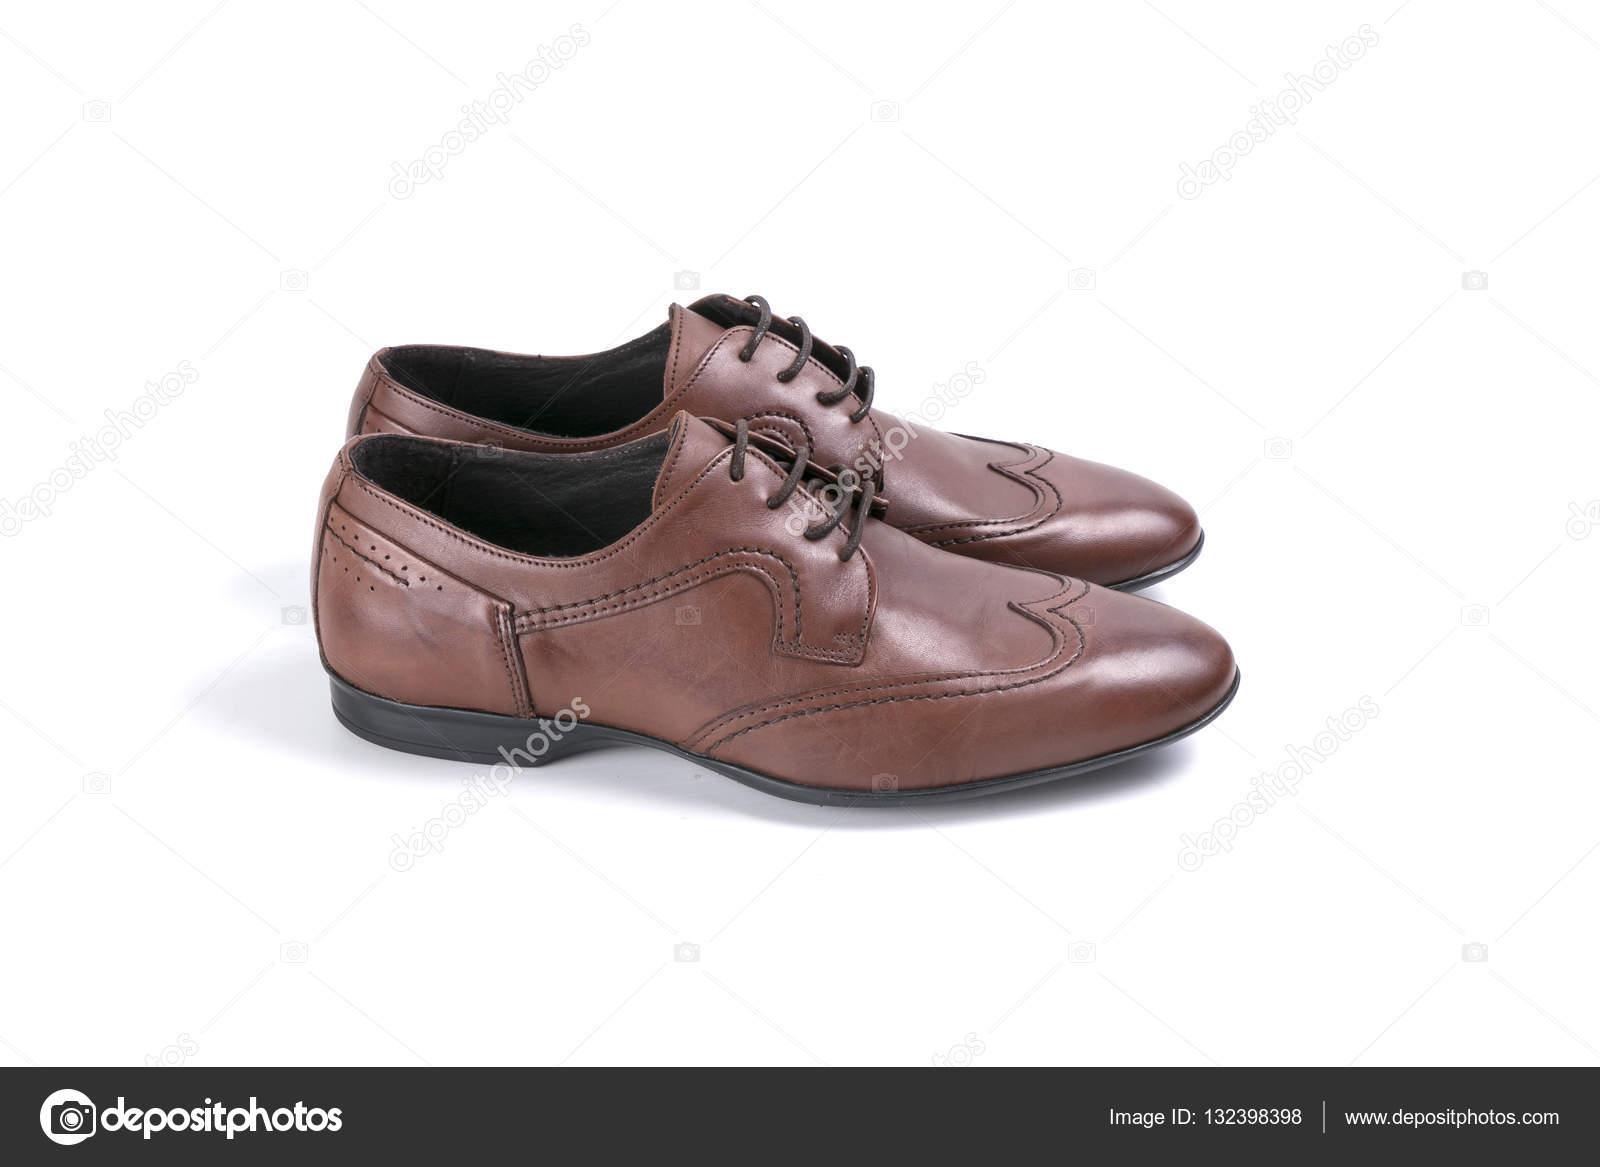 f647516fca3 Mannelijke schoenen in bruin leder op witte achtergrond, geïsoleerde  product, bovenaanzicht — Foto van georgevieirasilva